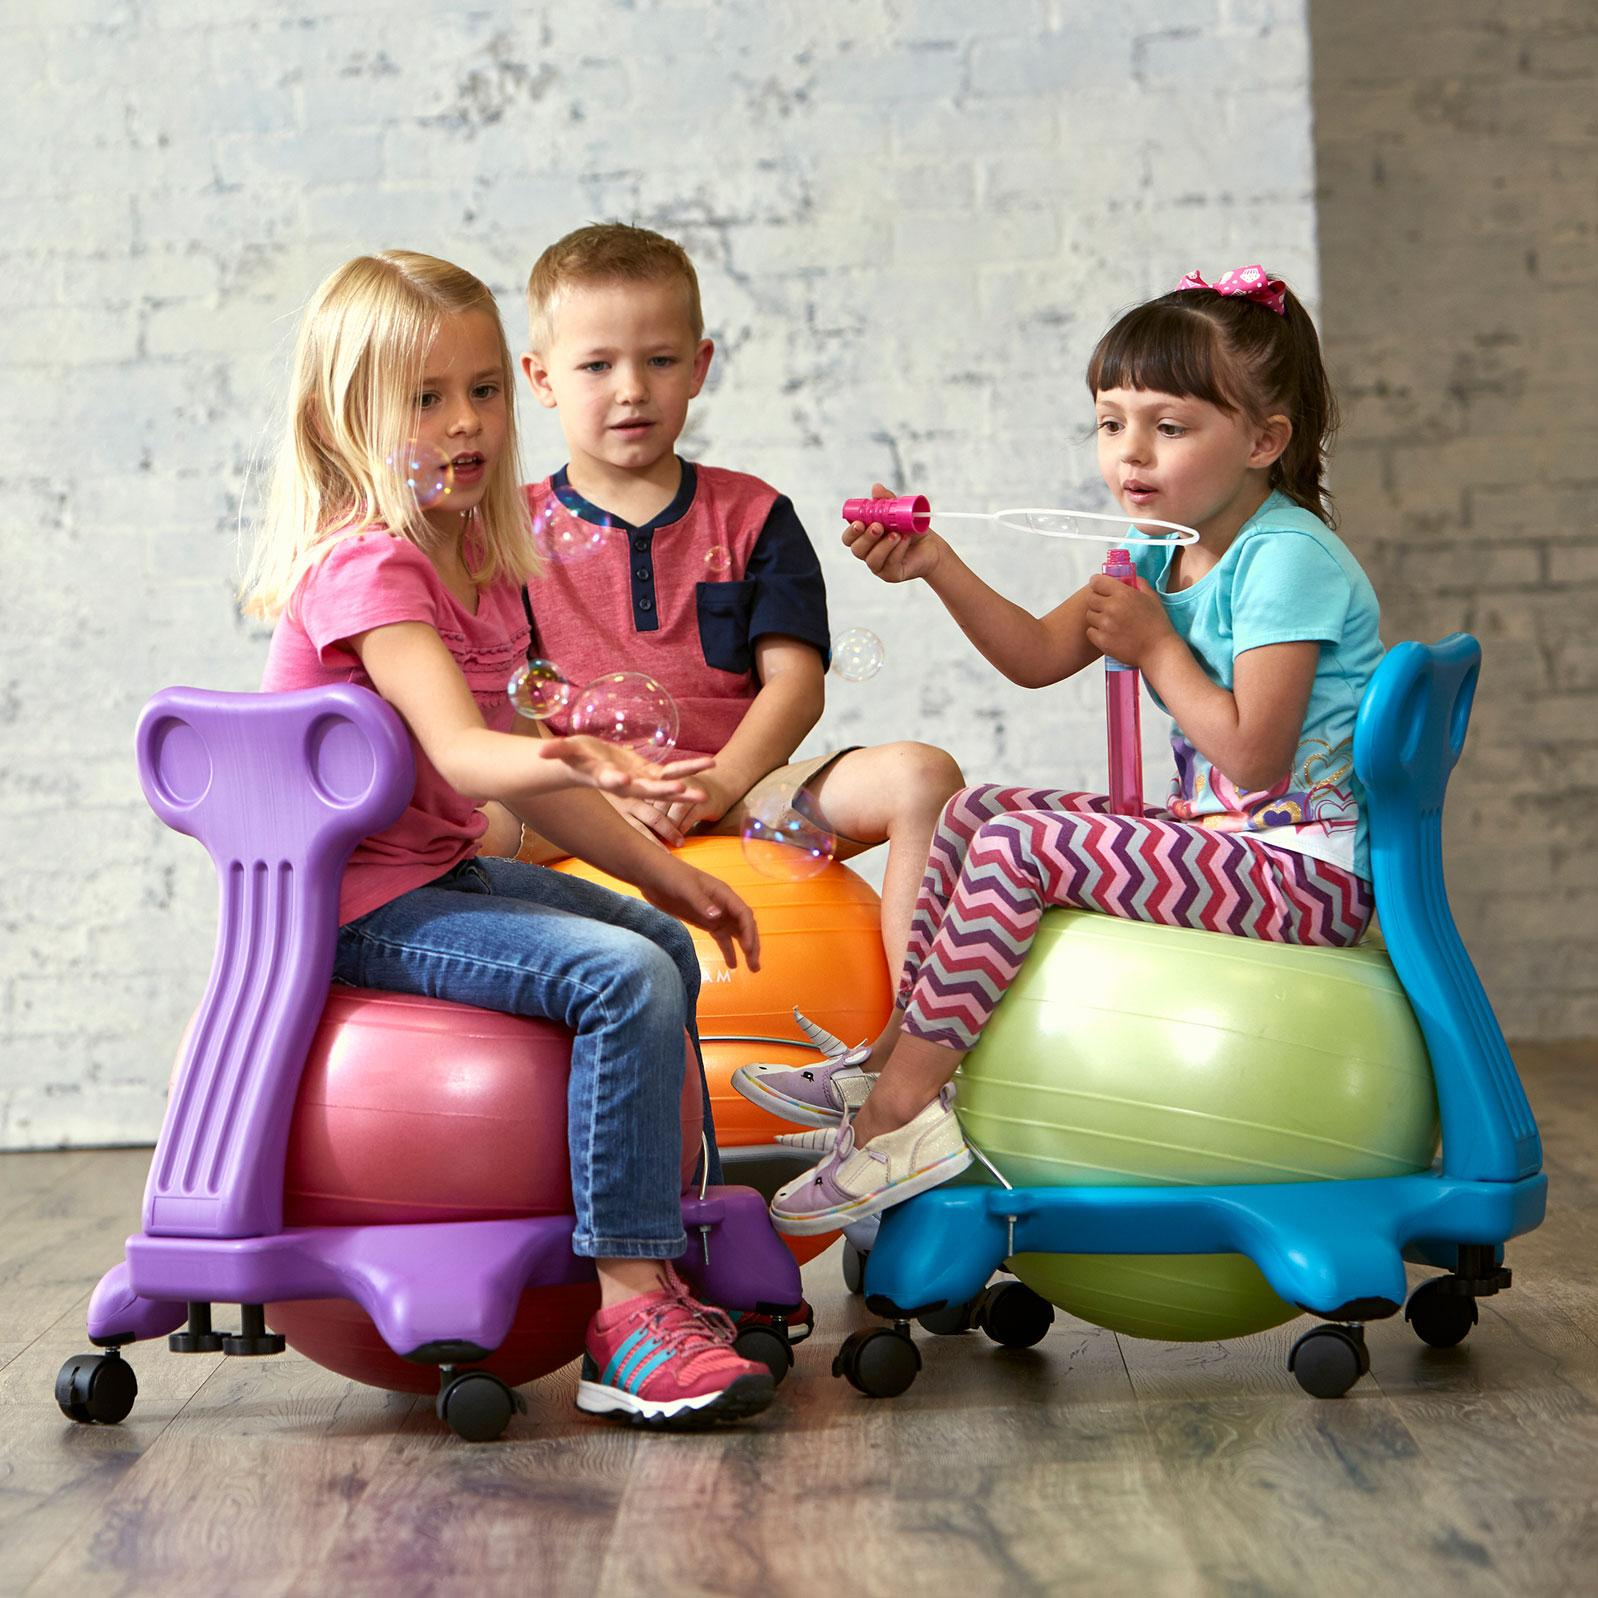 Gaiam Kids Balance Ball Chair